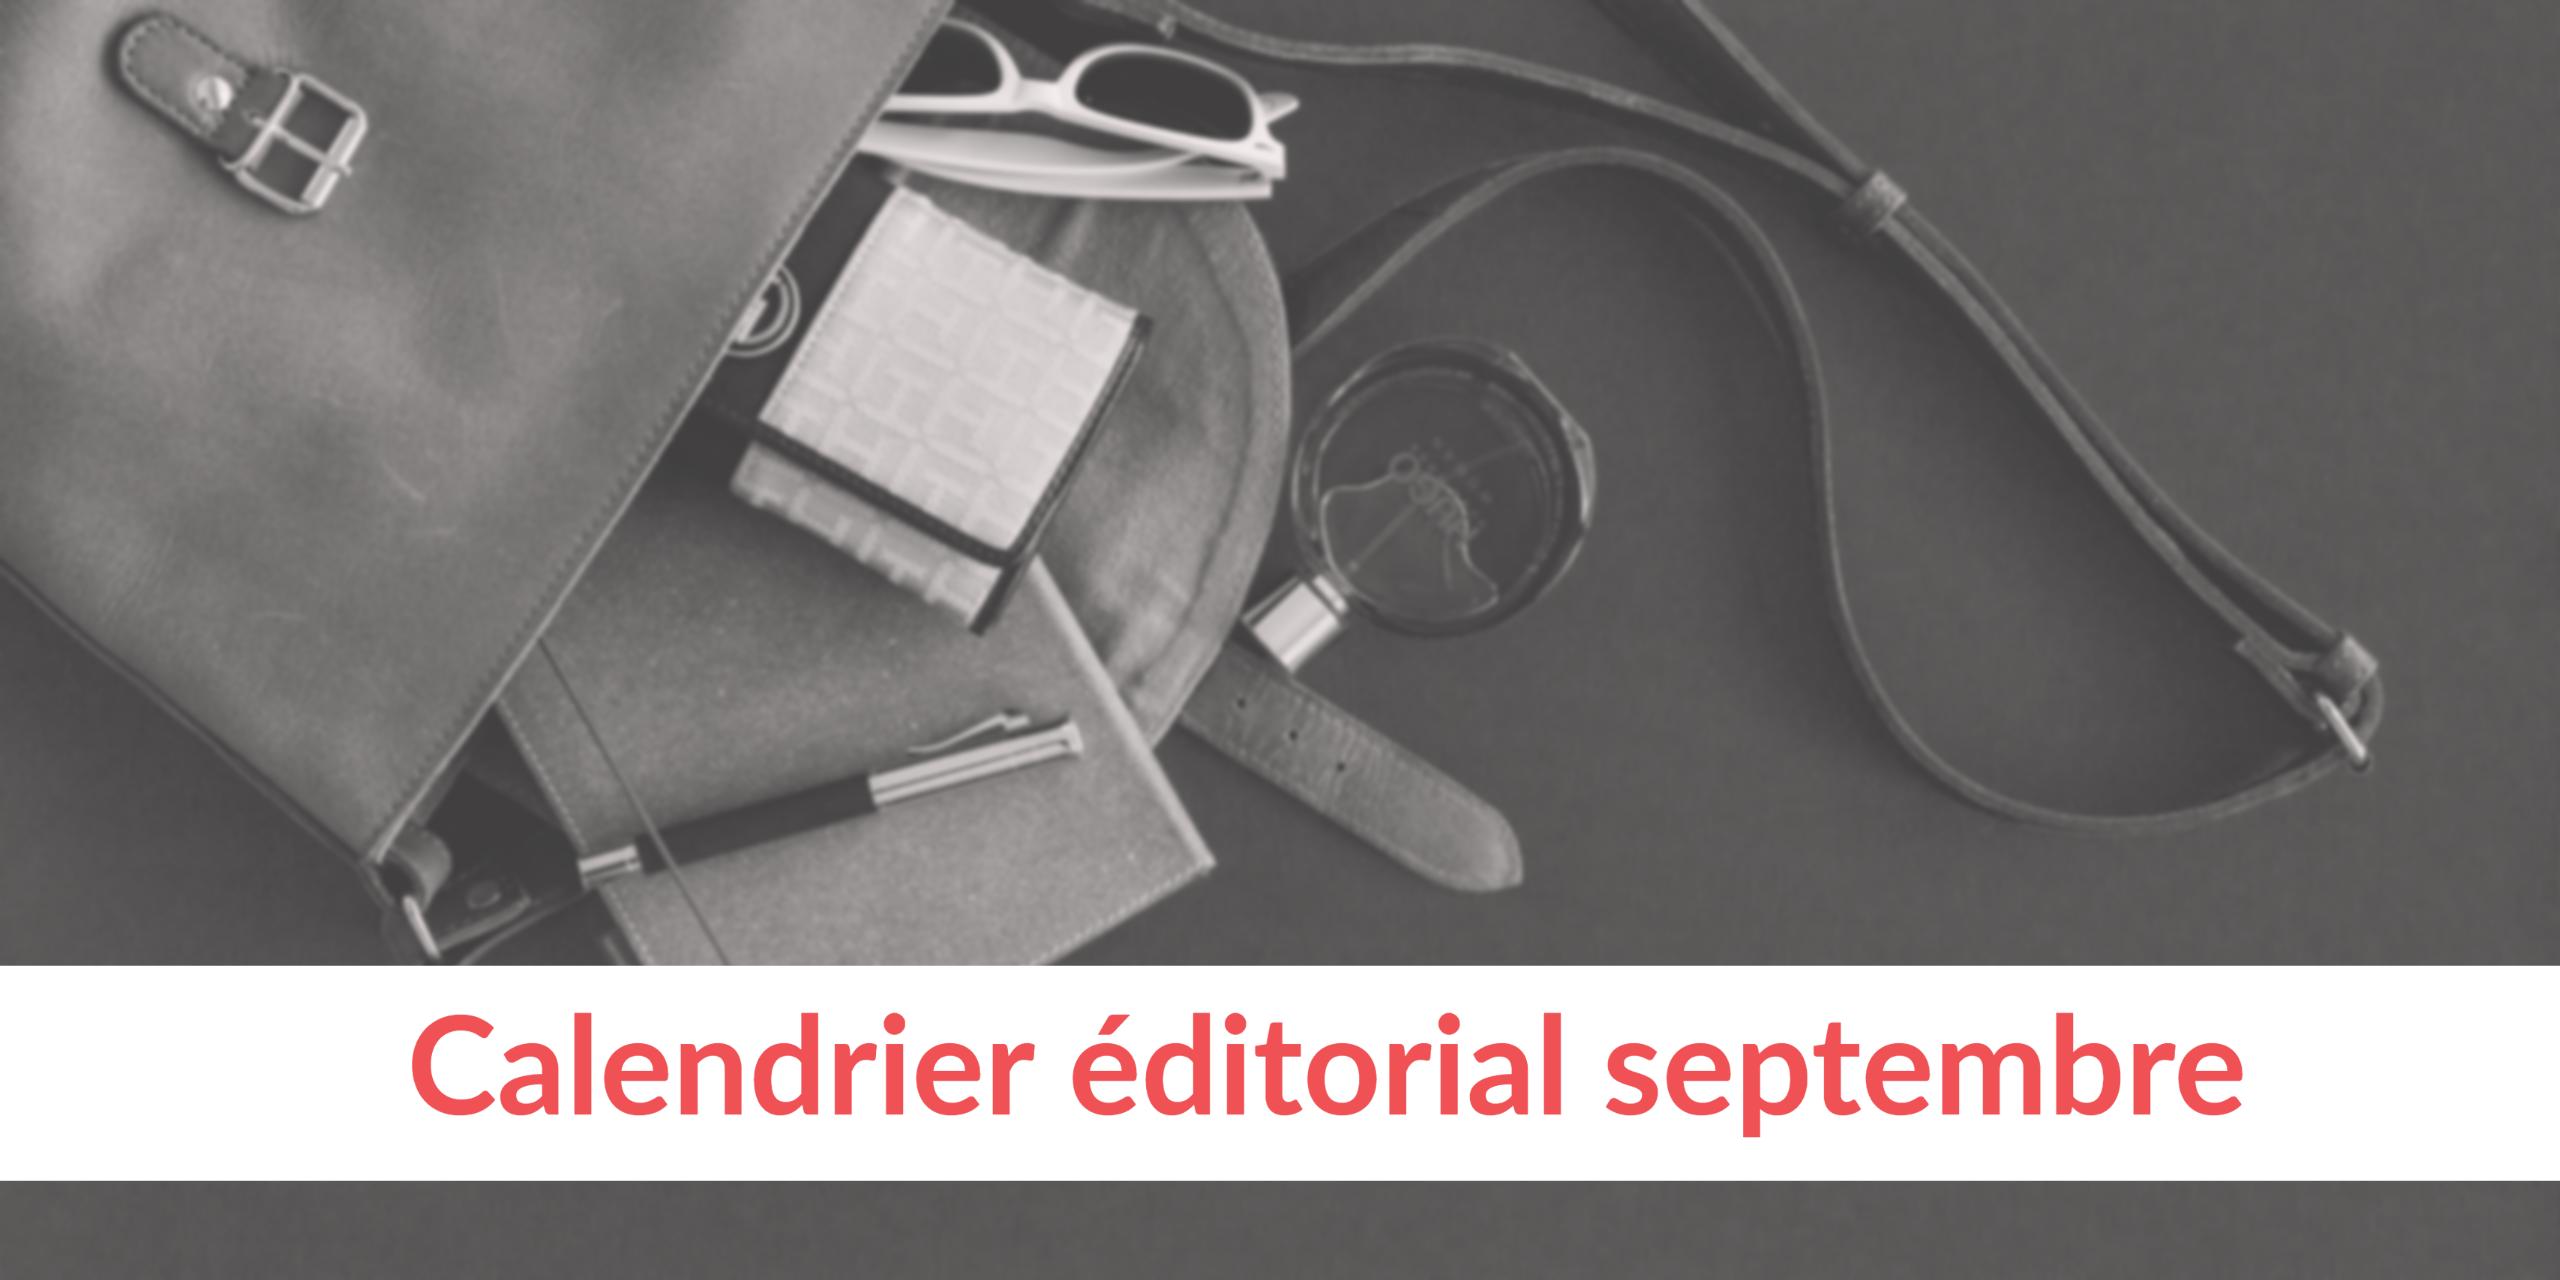 des idées pour votre calendrier éditorial de septembre